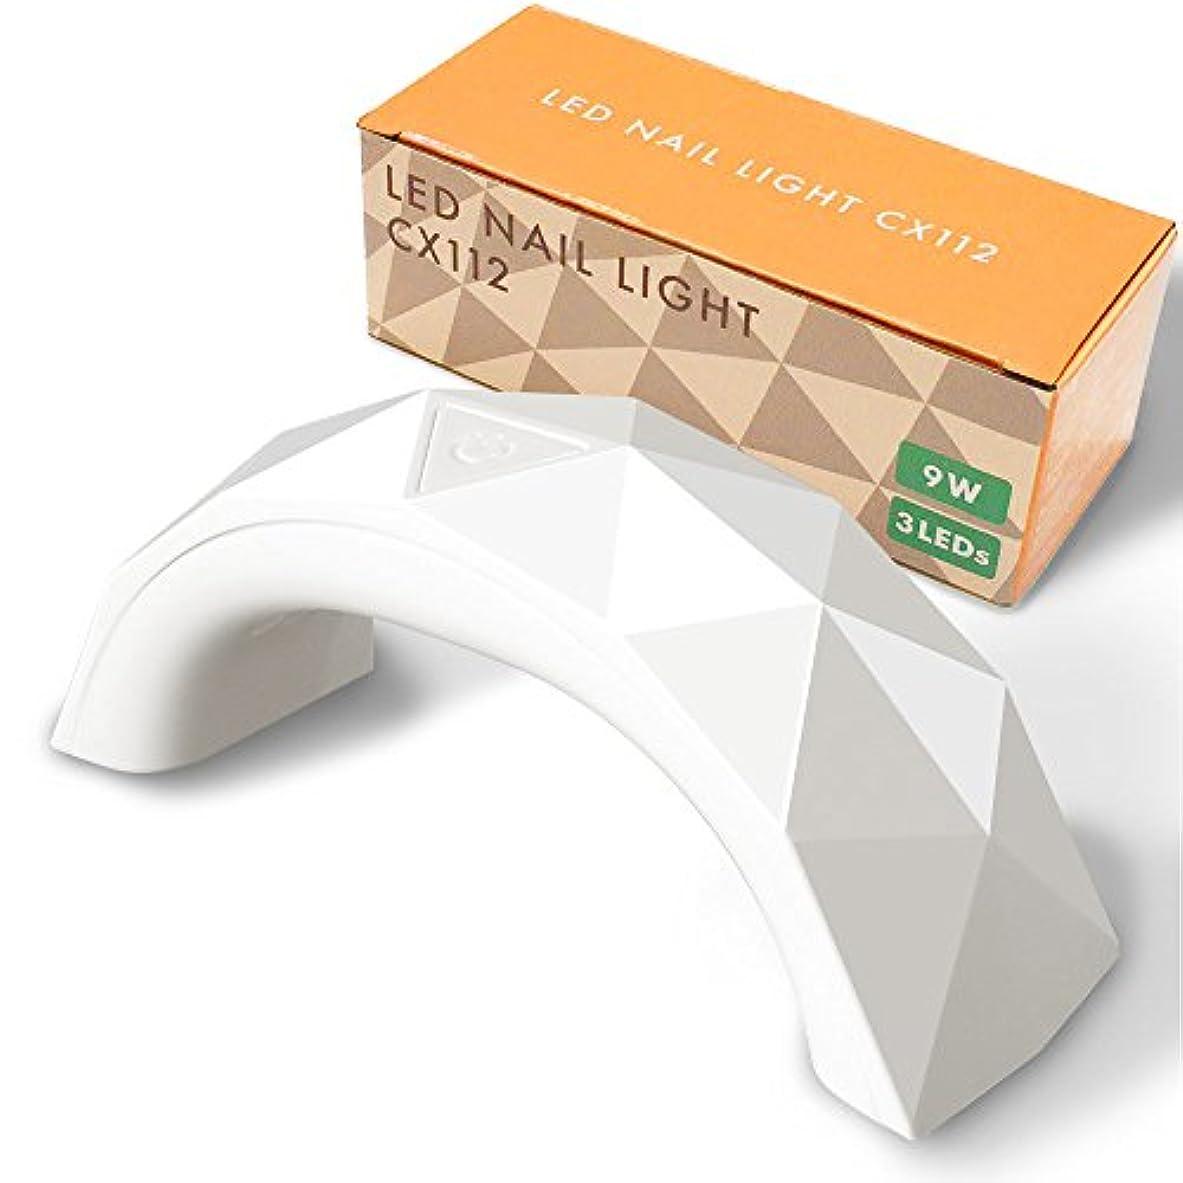 毎年害虫ぺディカブ【Centrex】【CX112】ジェルネイル LEDライト 9W 硬化用ライト タイマー付き ハイパワーチップ式LED球 USB式 (ホワイト)